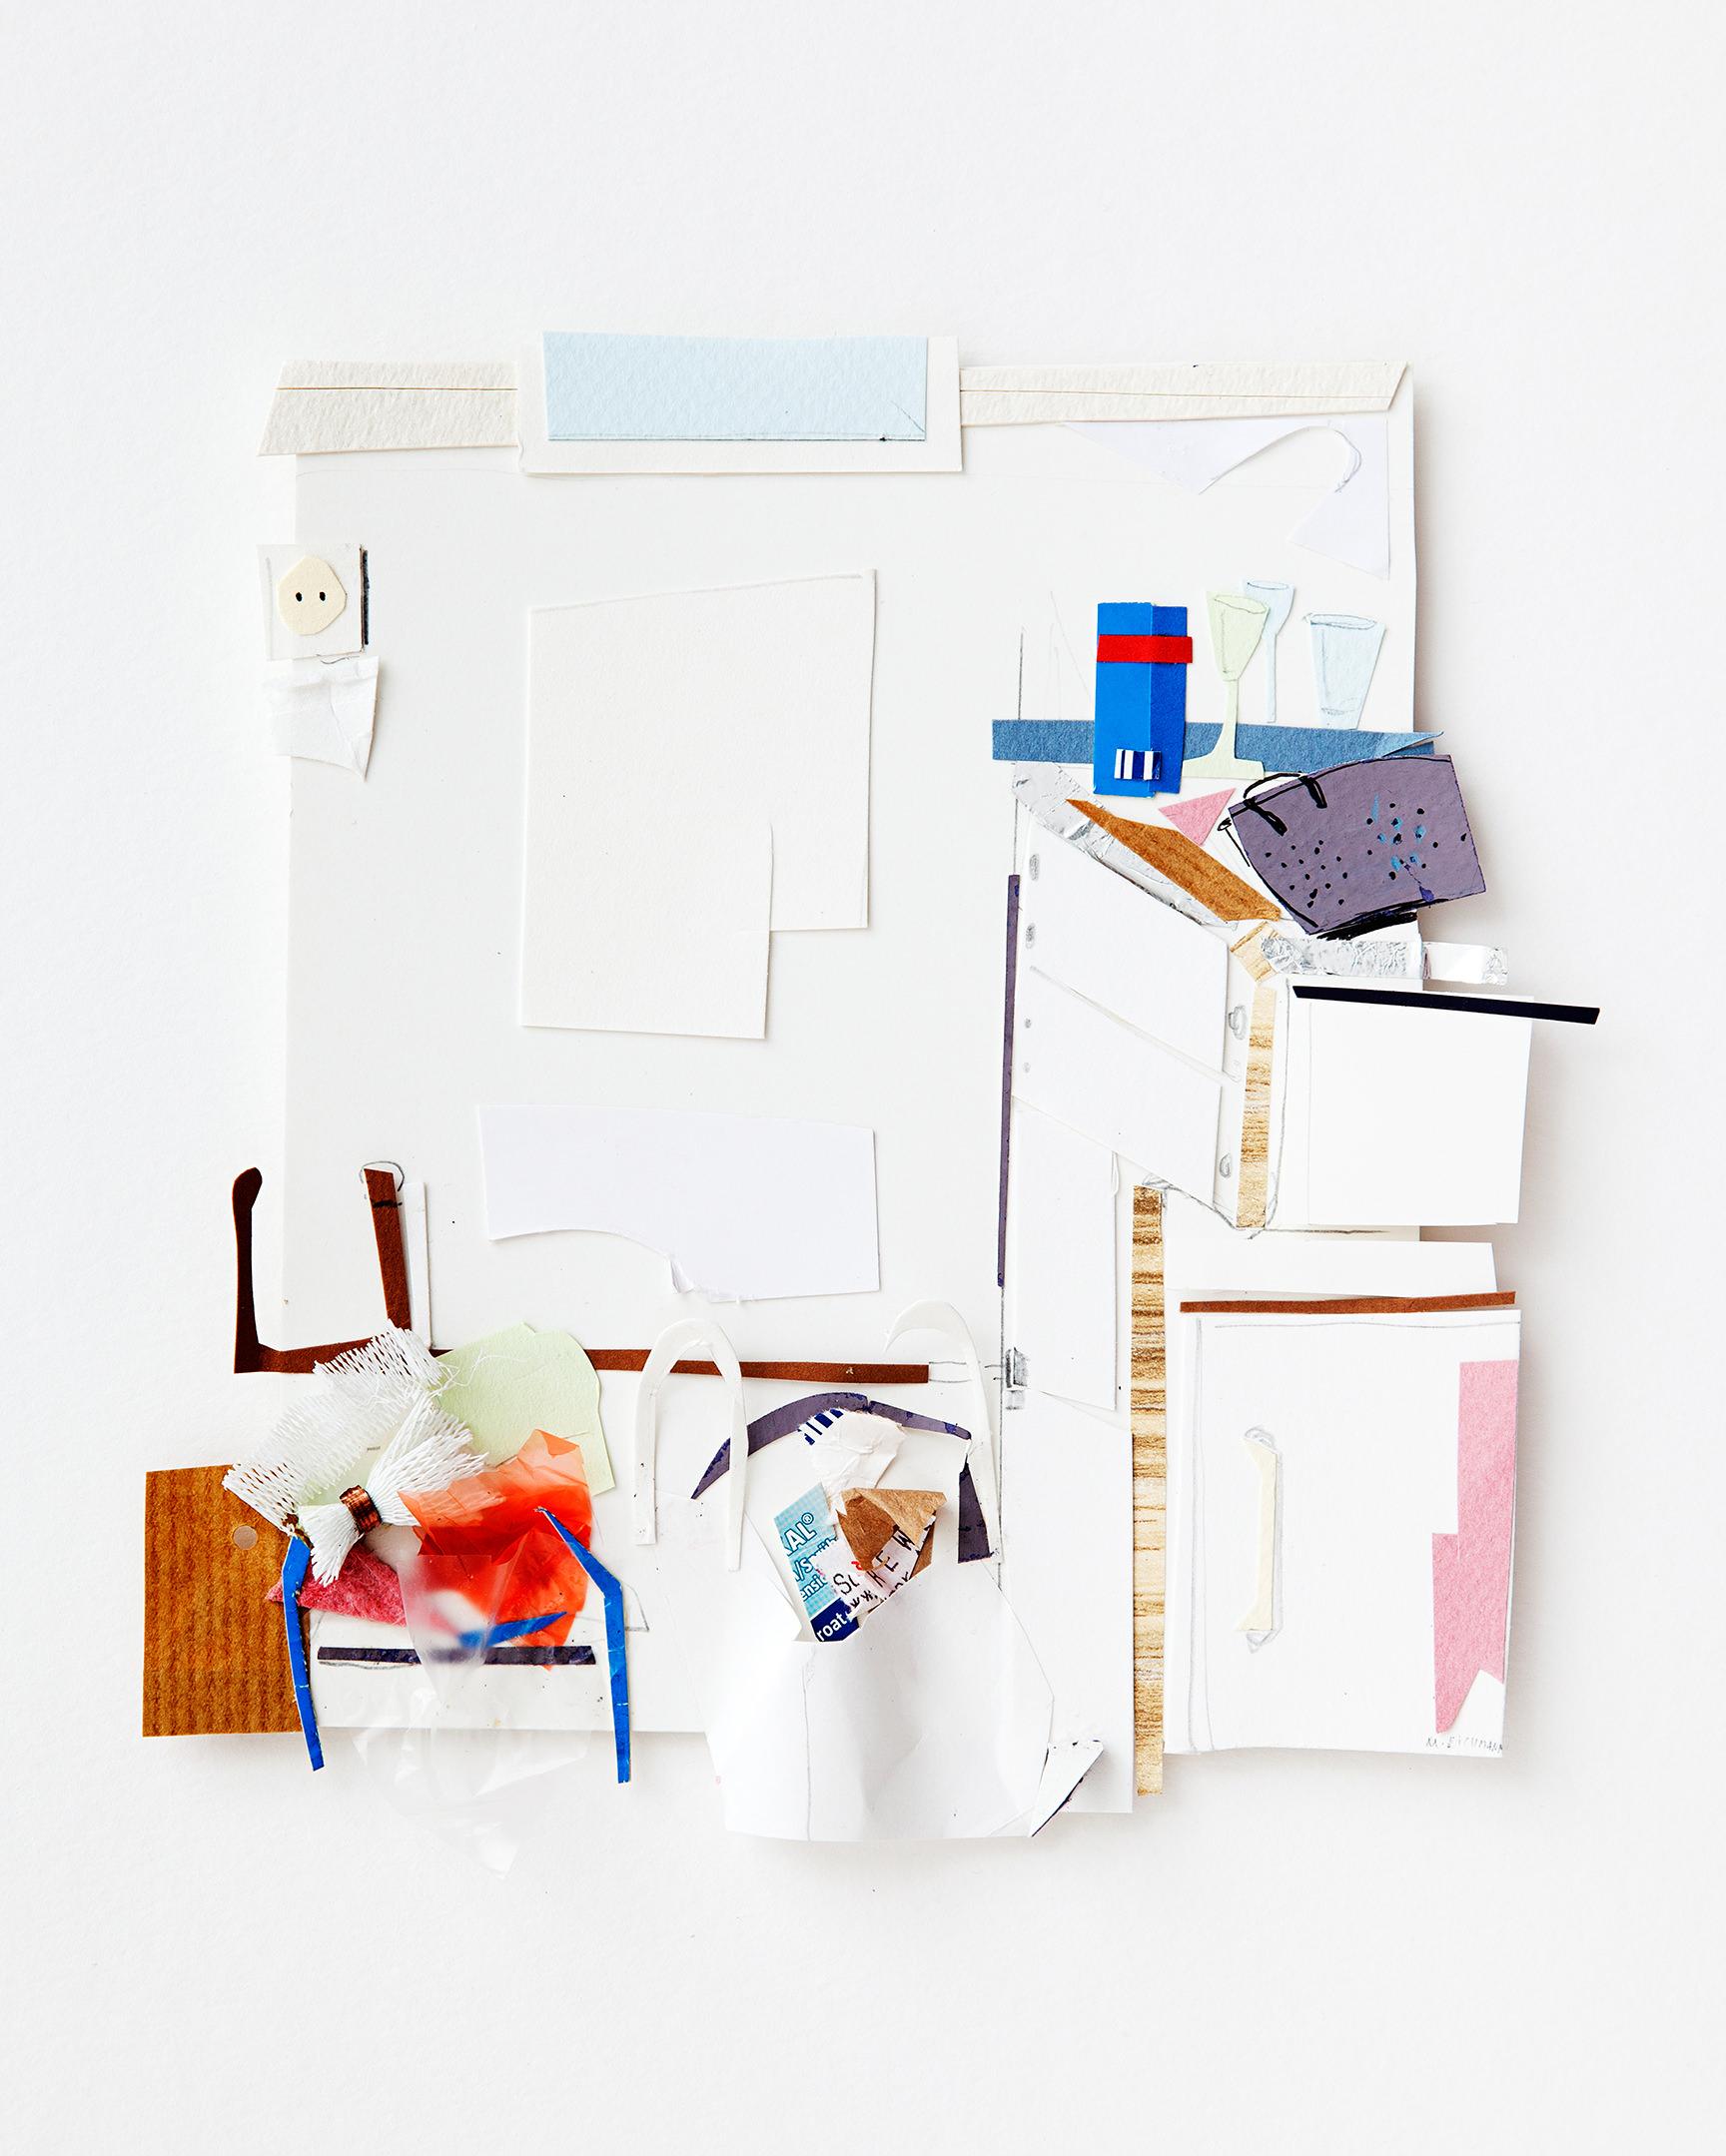 ATELIER, INTERIEUR / PAPERWORKS2015 – MARION EICHMANN